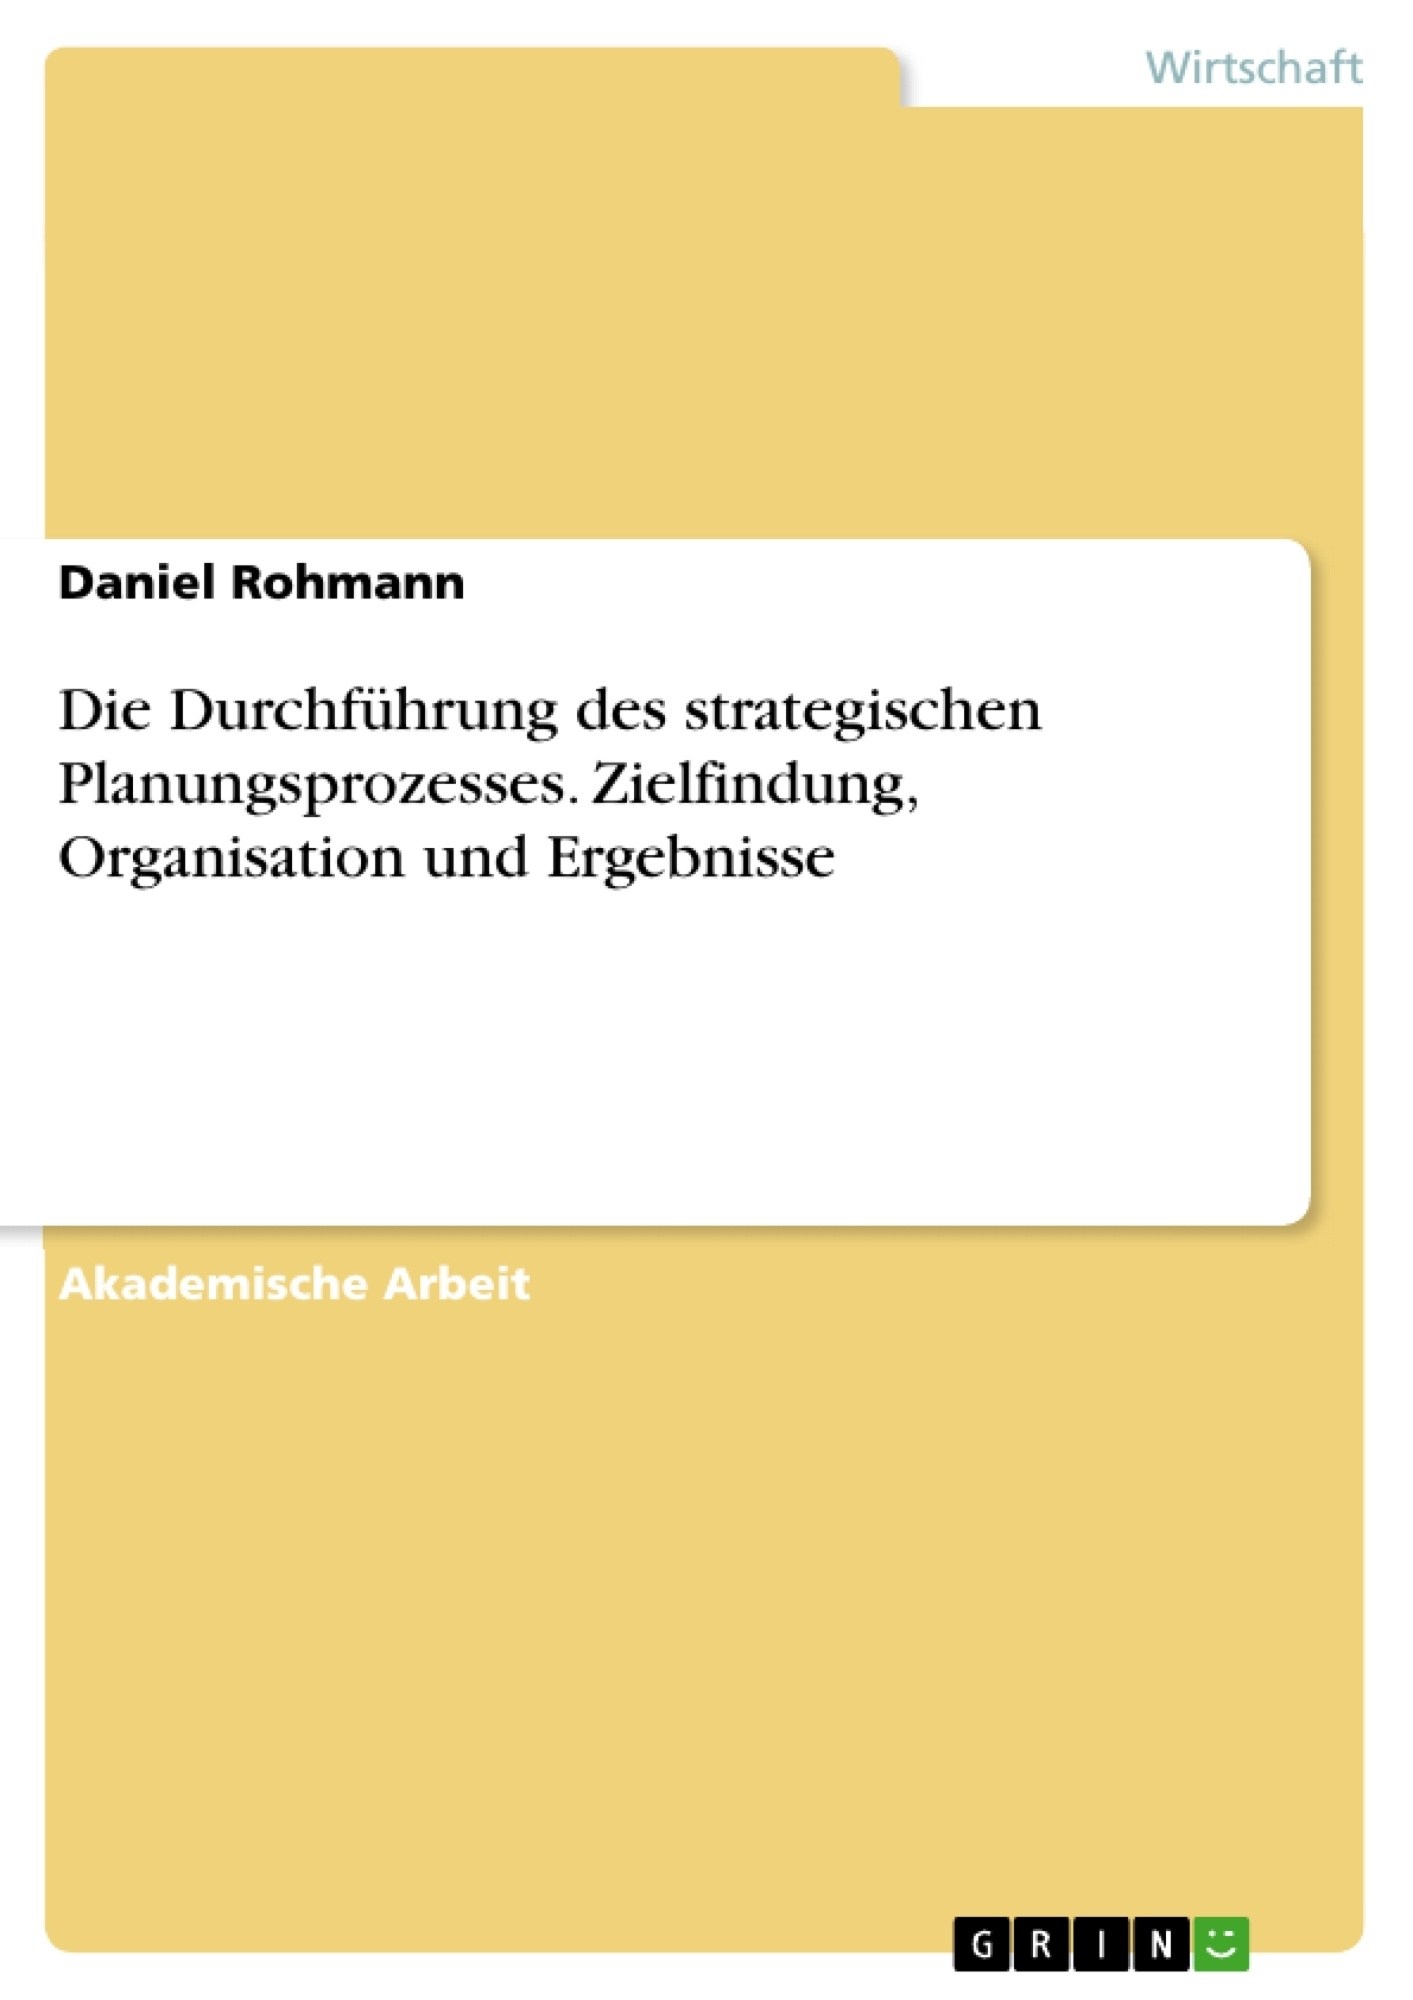 Titel: Die Durchführung des strategischen Planungsprozesses. Zielfindung, Organisation und Ergebnisse